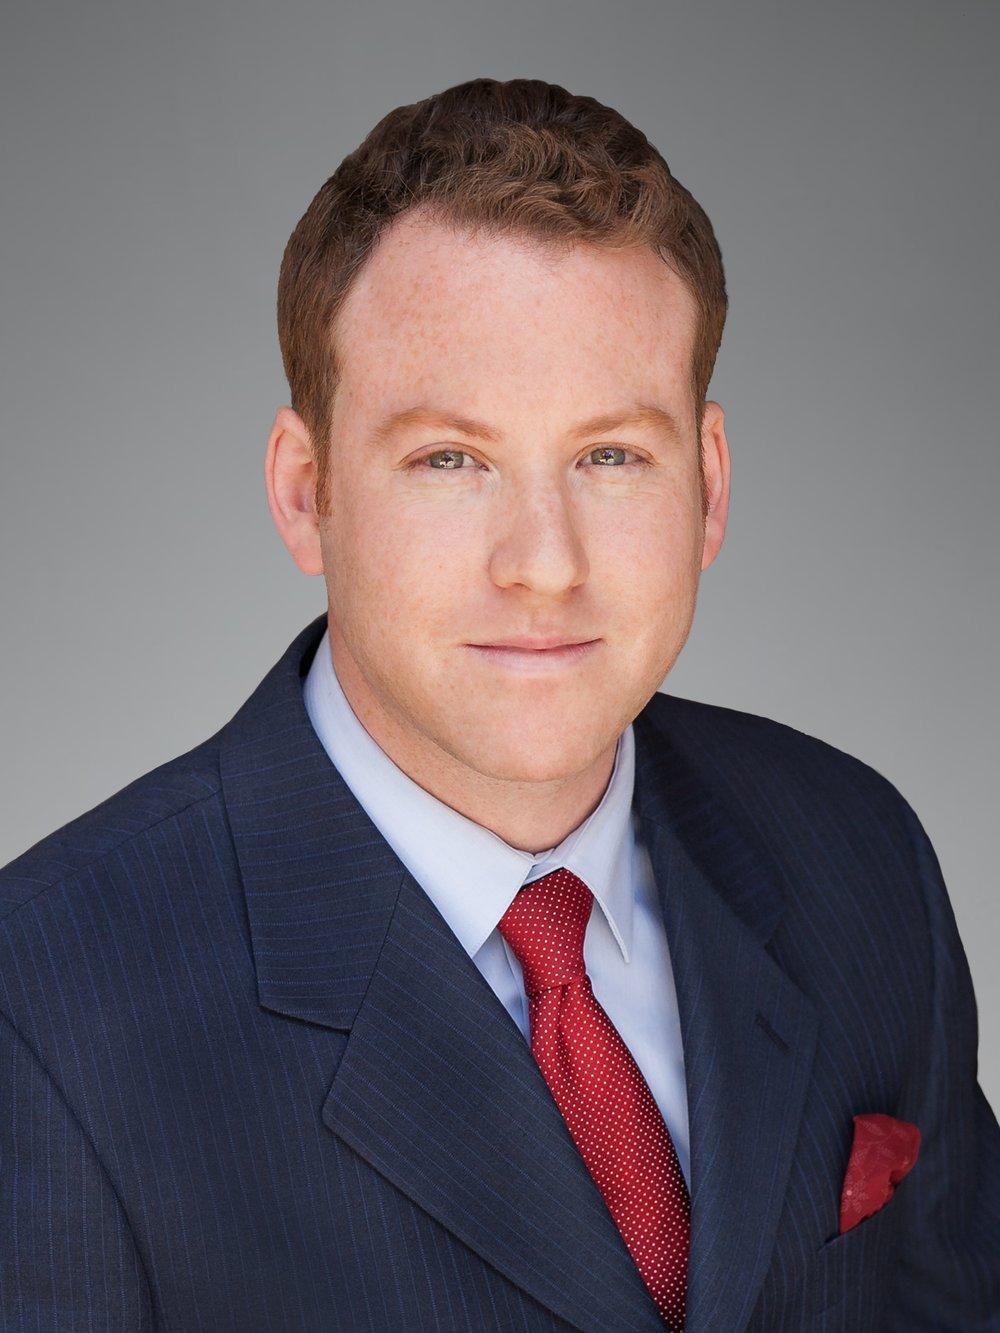 Ben Rosenblum - Associate